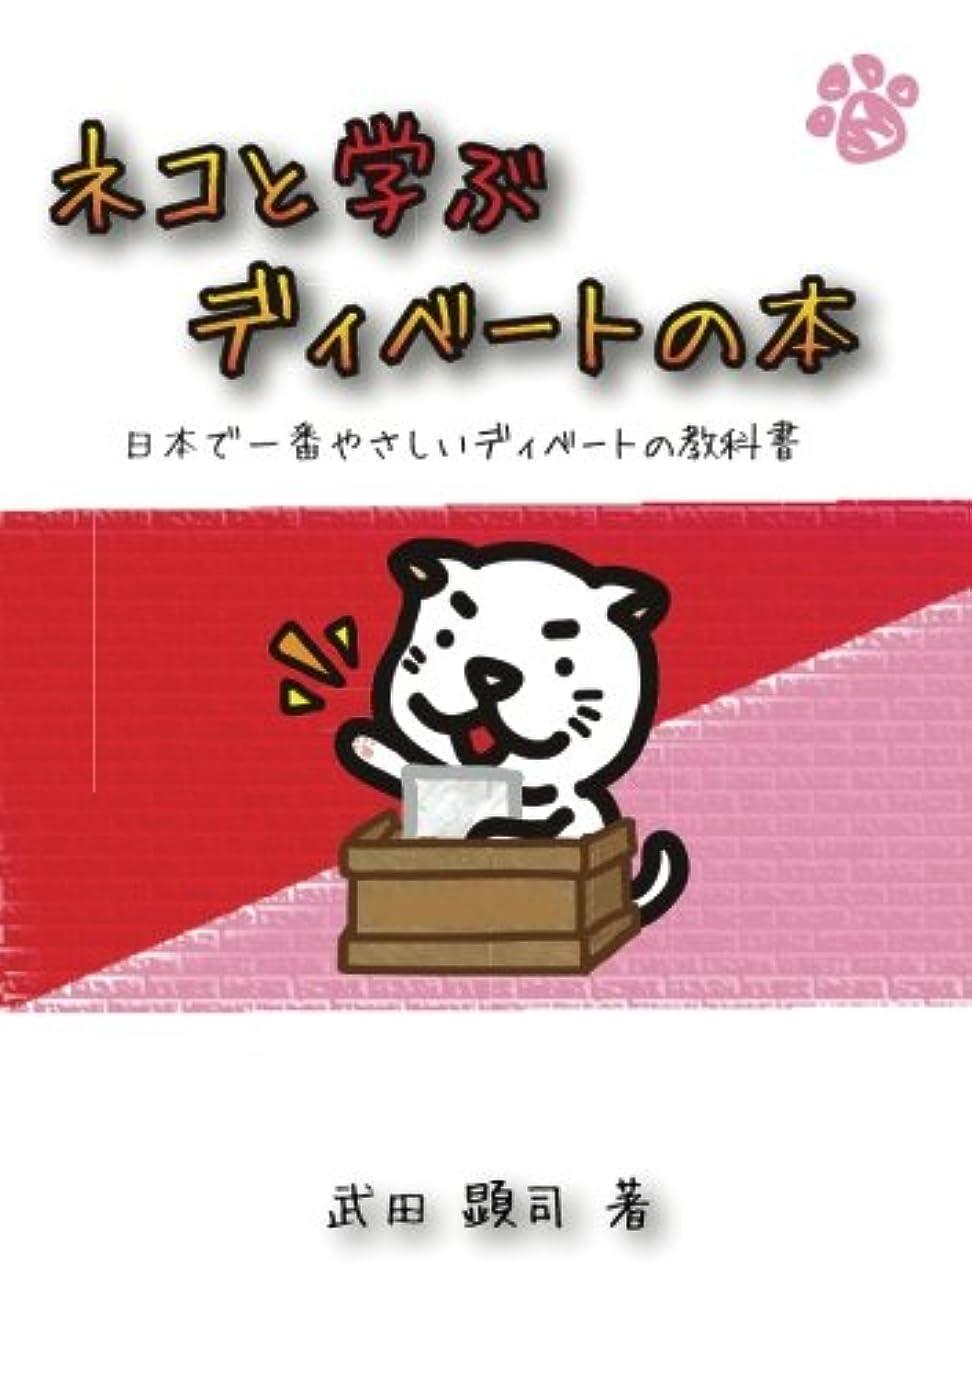 レタステクトニック眉ネコと学ぶディベートの本 - 日本一やさしいディベートの教科書 (MyISBN - デザインエッグ社)